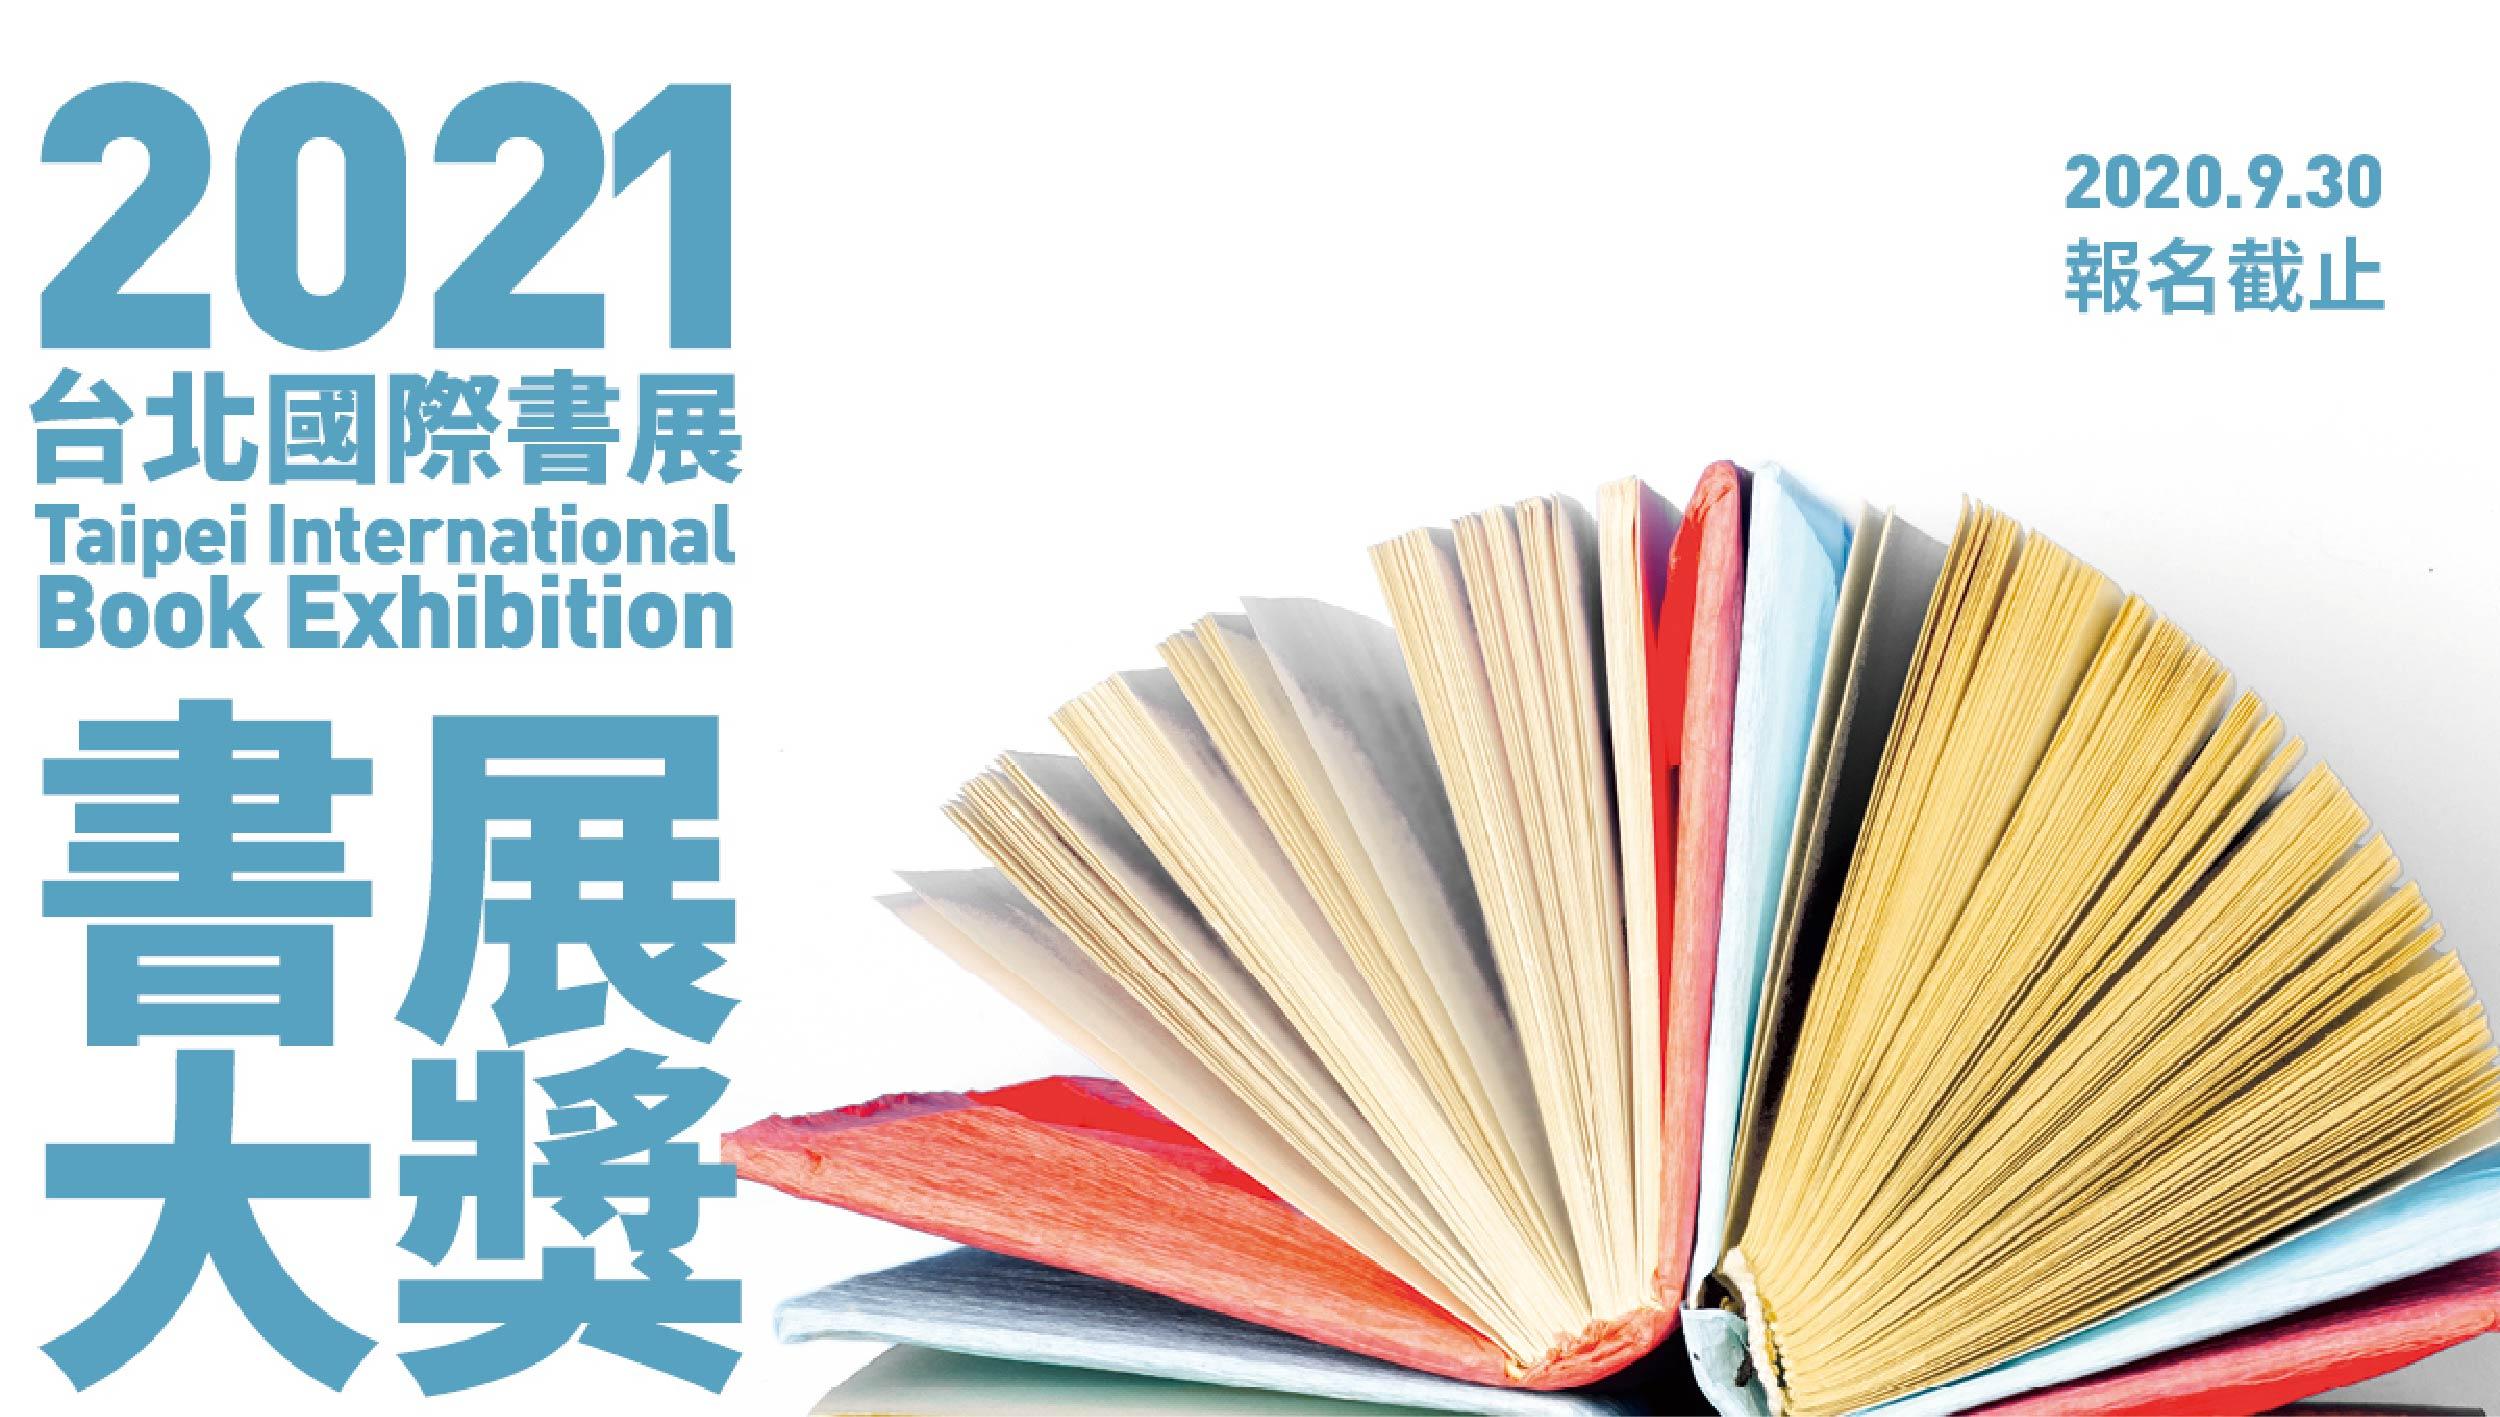 2021第14屆書展大獎徵件起跑,四大獎項歡迎報名!